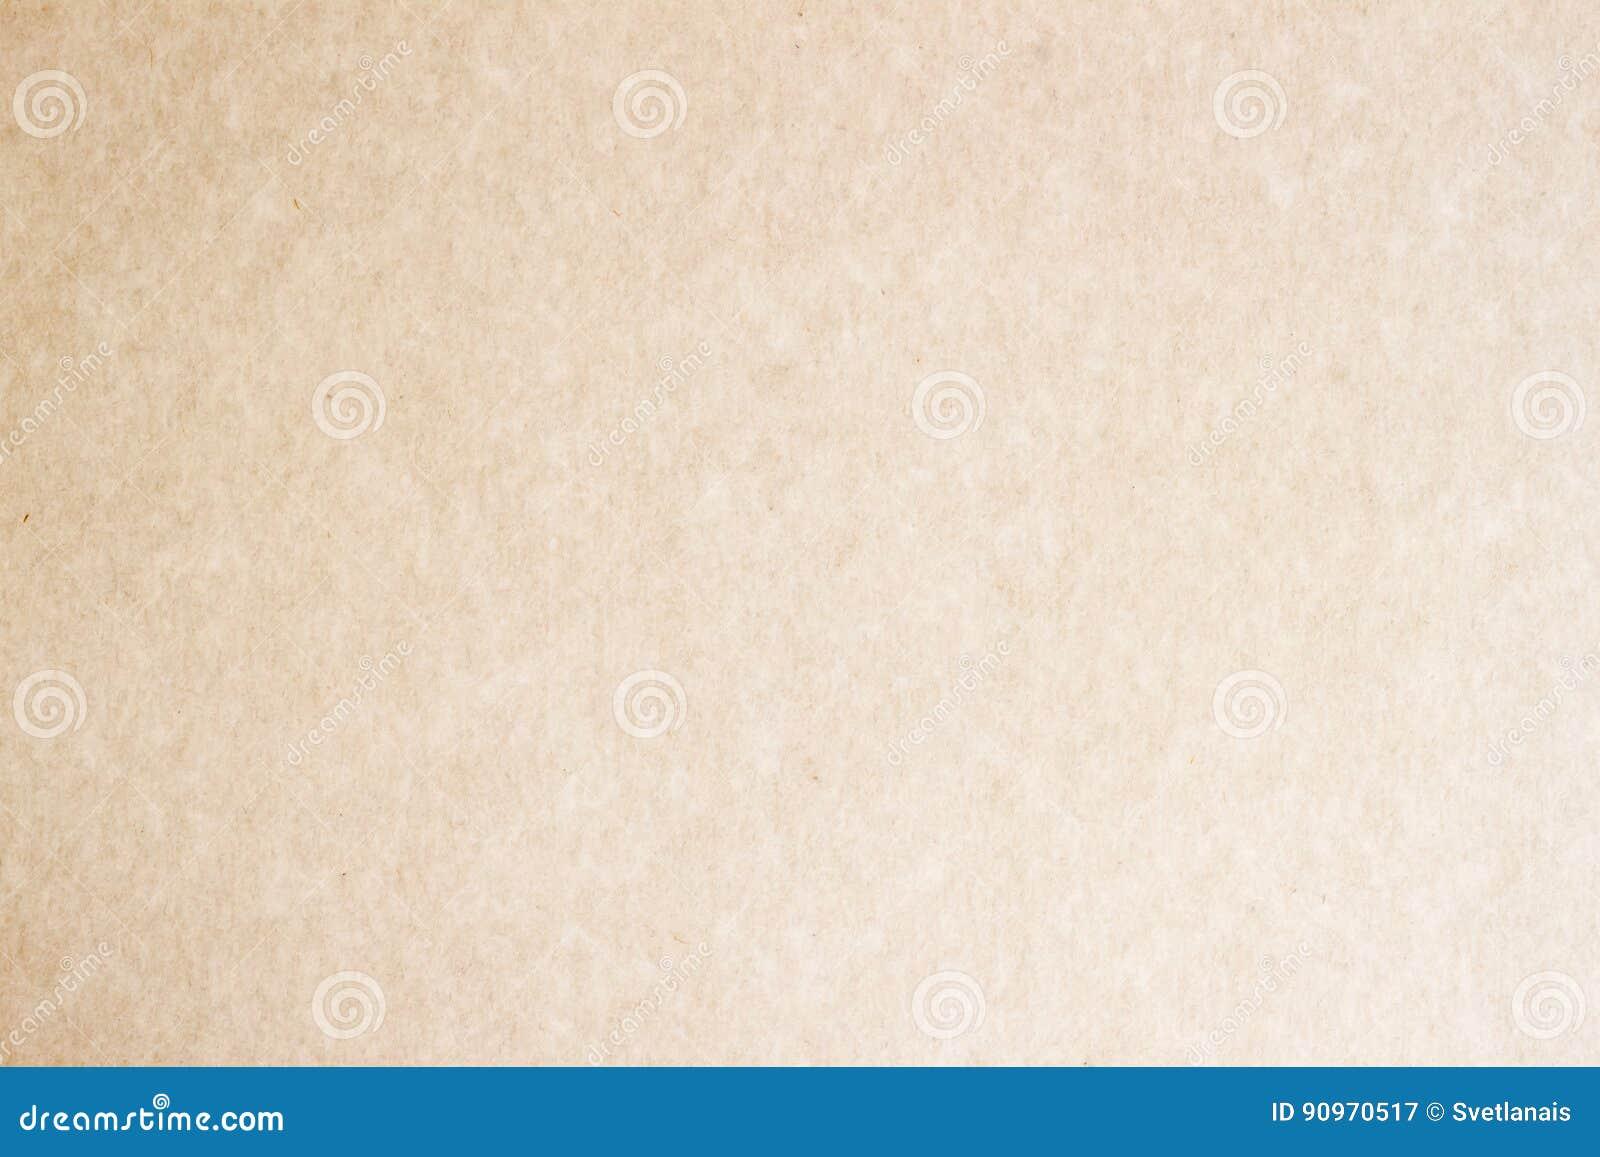 Textura do ofício de papel Superfície do Grunge, close-up orgânico da textura do cartão, com vários villi, fluff e outras inclusõ